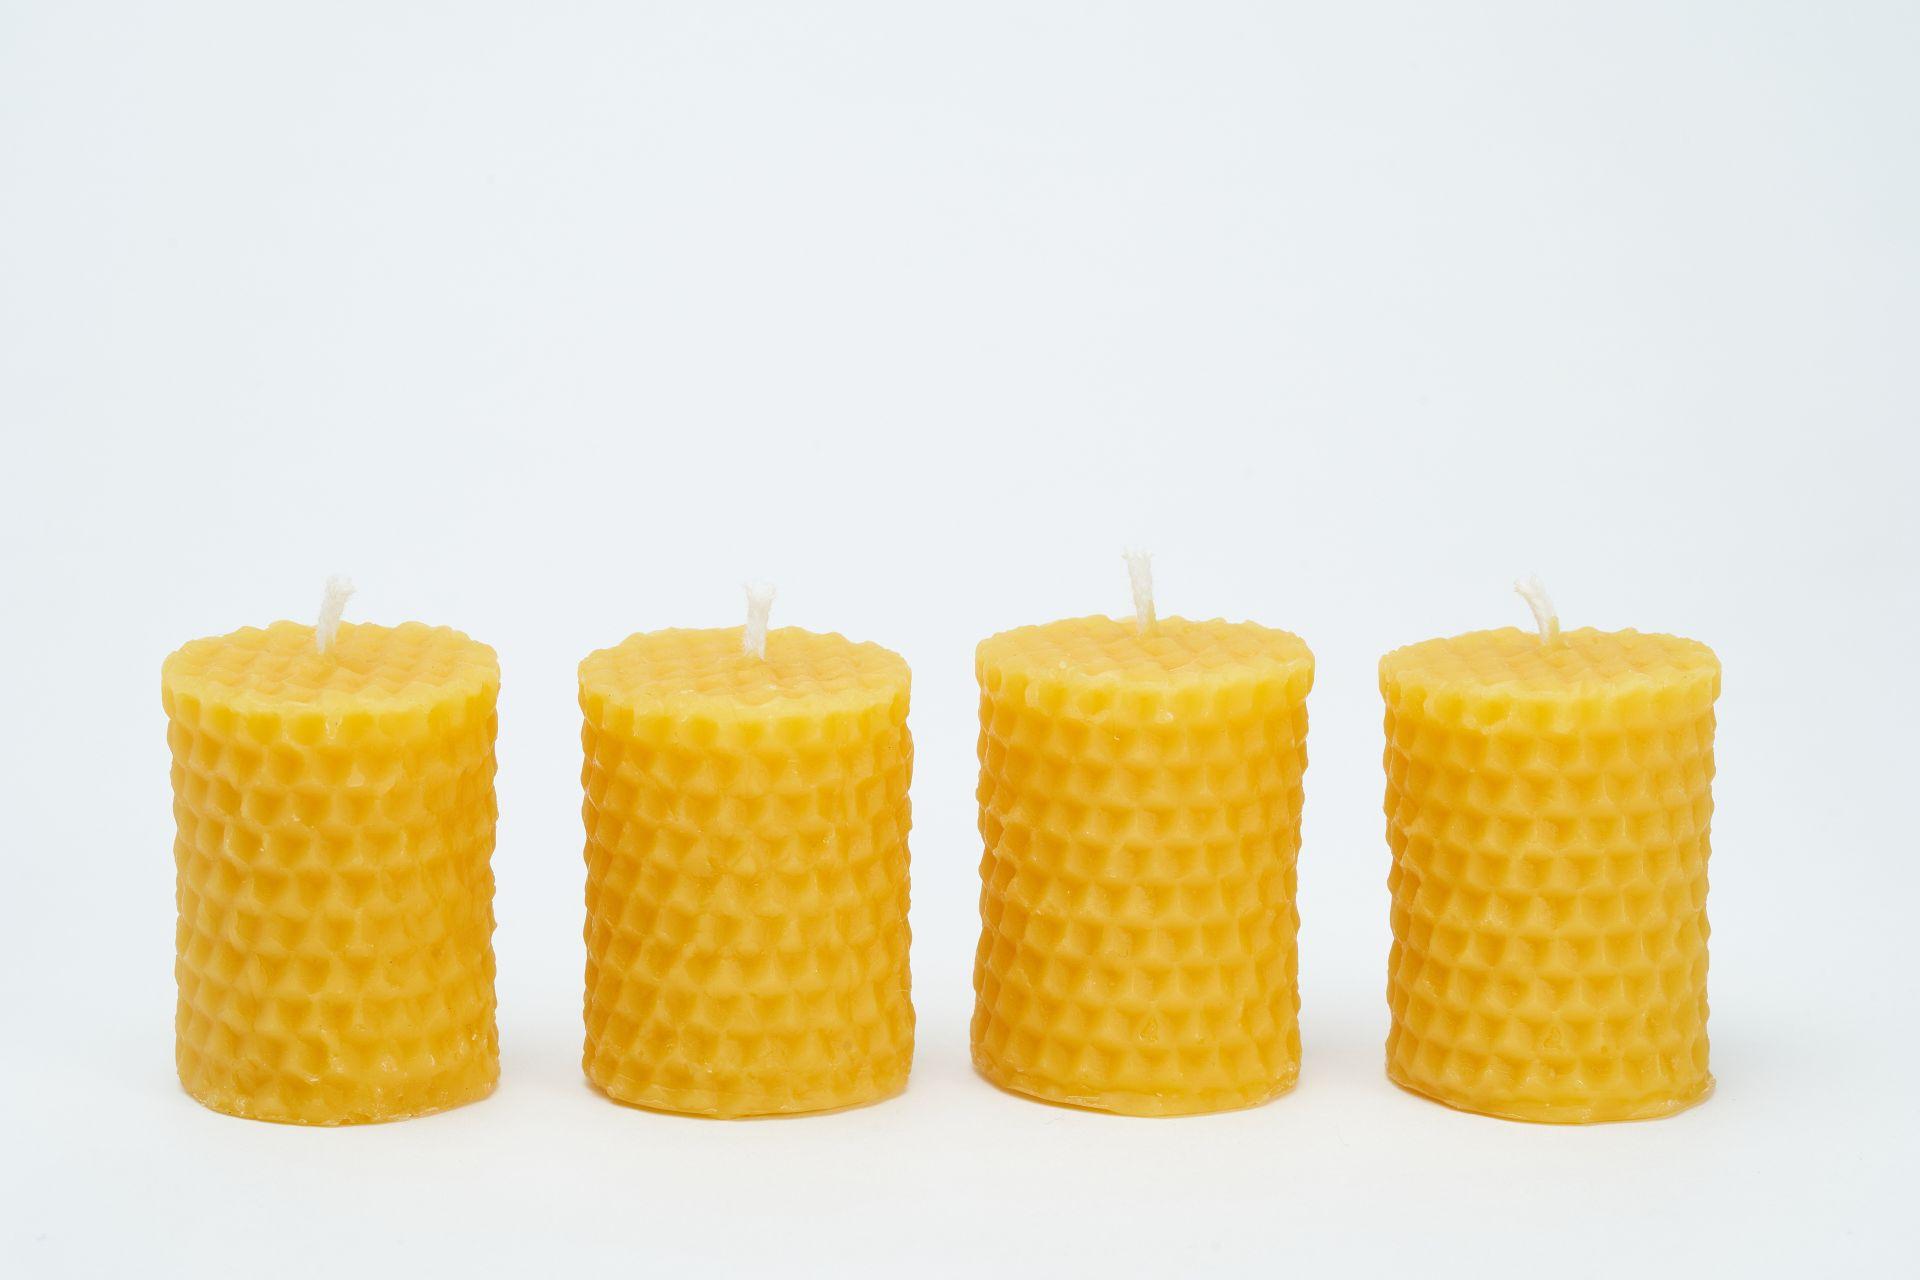 4 Wabenkerzen (Höhe ca. 5cm) aus 100% Bienenwachs vom Imker